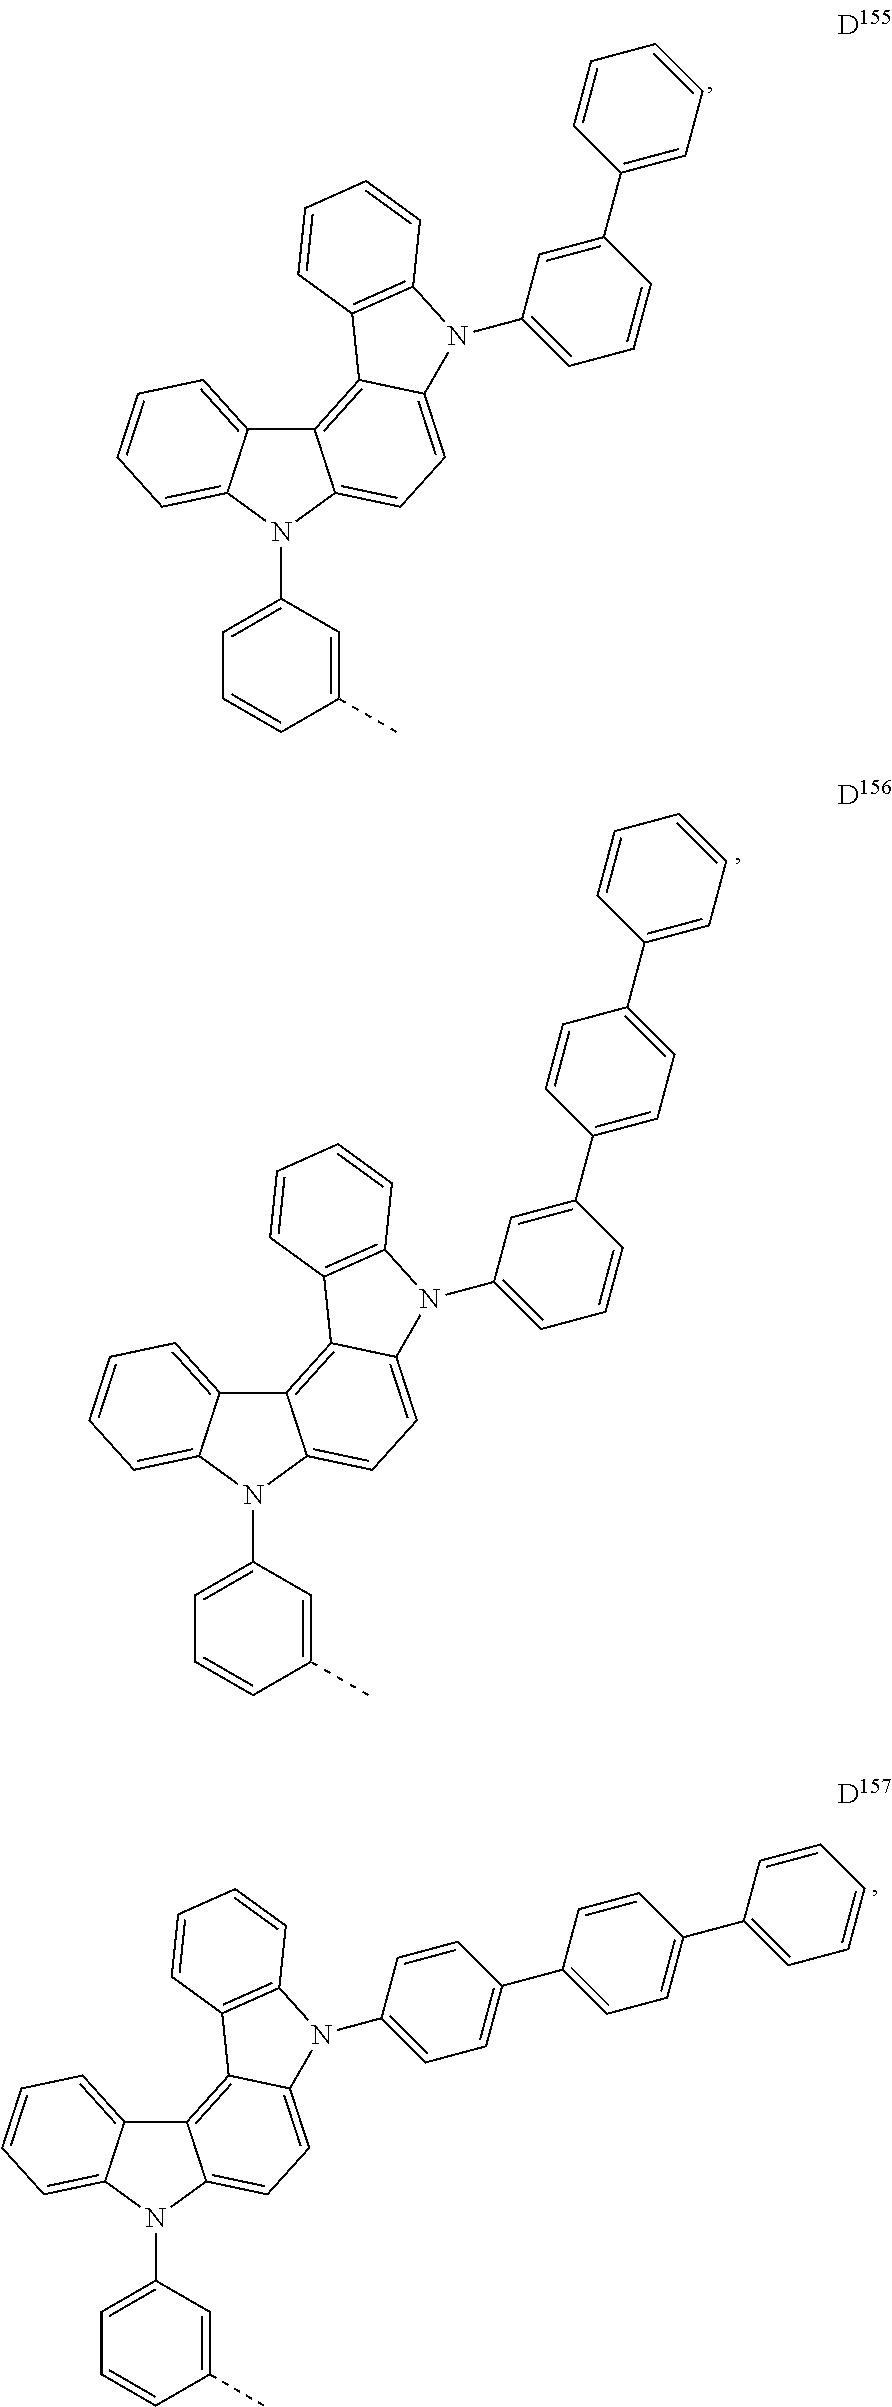 Figure US20170033295A1-20170202-C00065